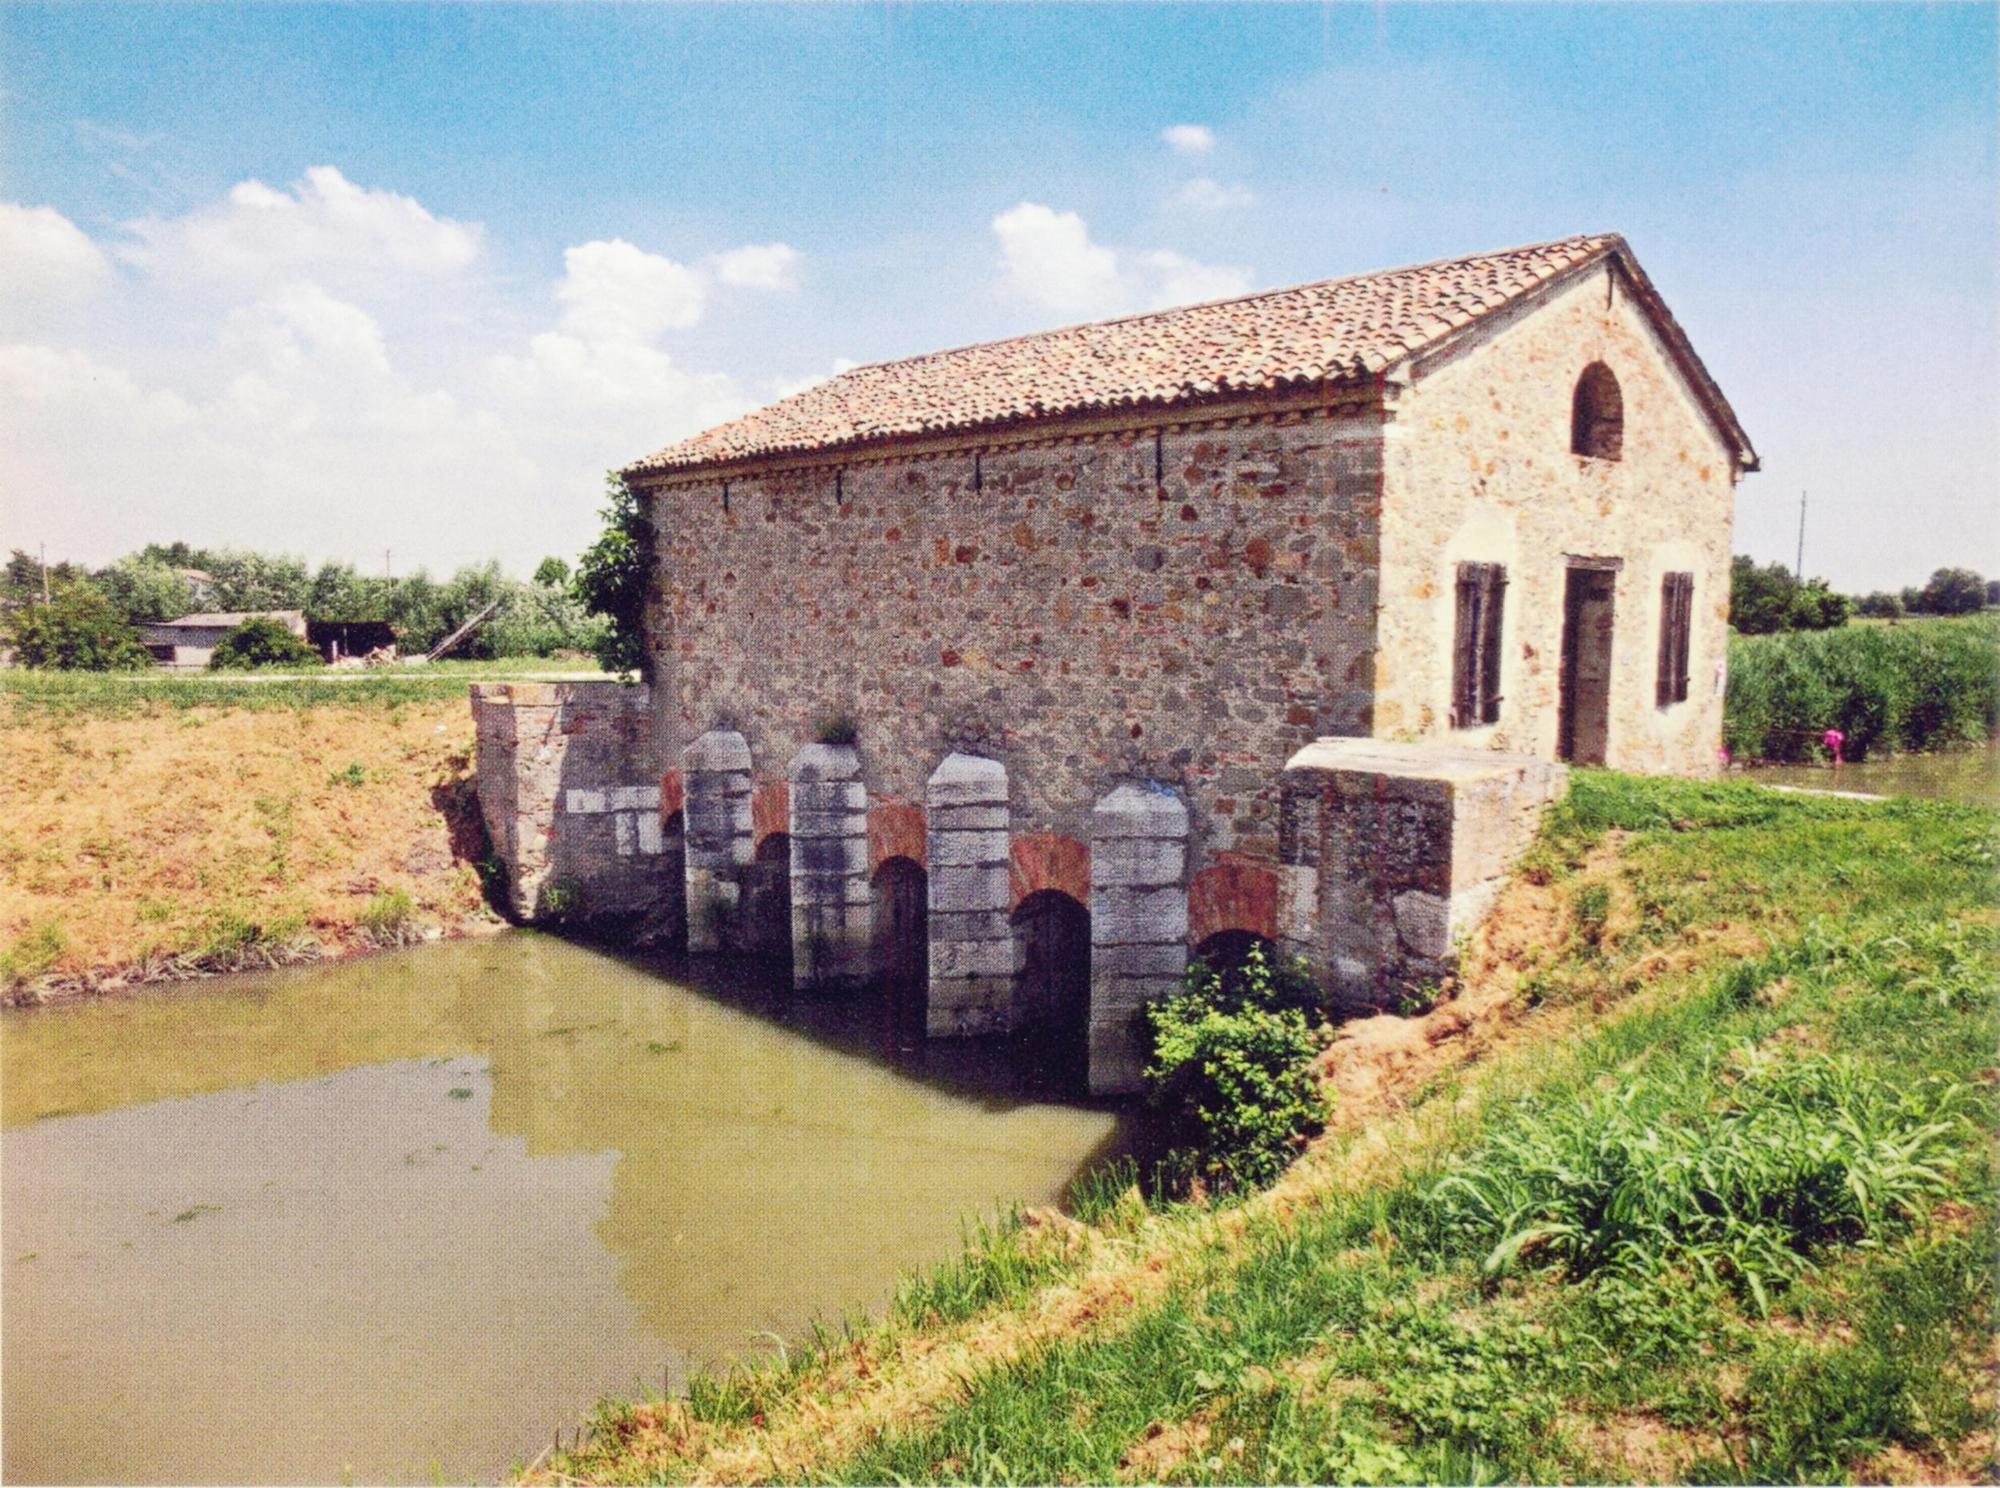 Corte di Piove di Sacco, antico manufatto con botte a sifone.